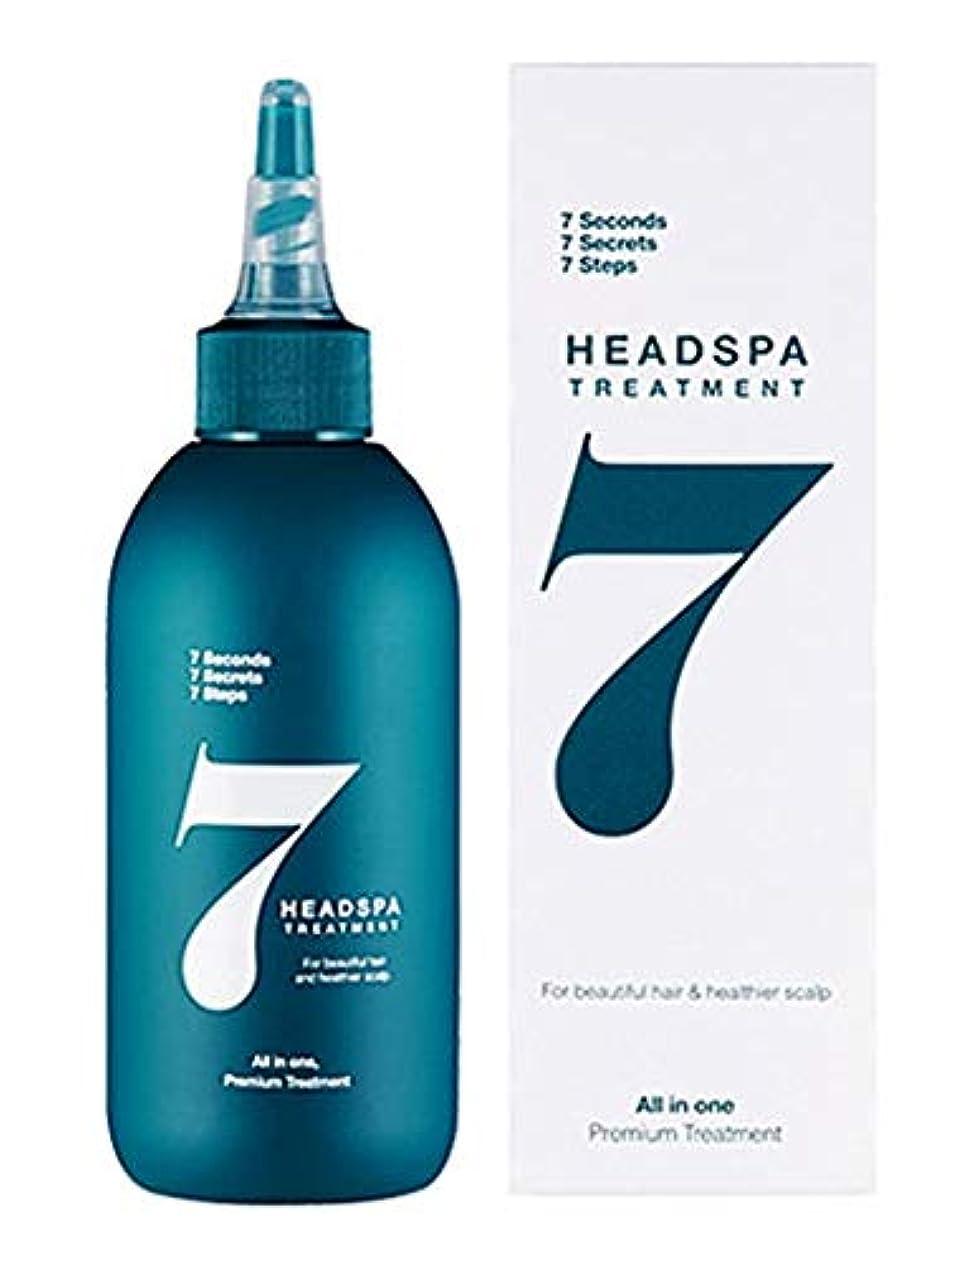 薬用構想する不愉快Head Spa 7 treatment 200ml (脱毛トリートメント)